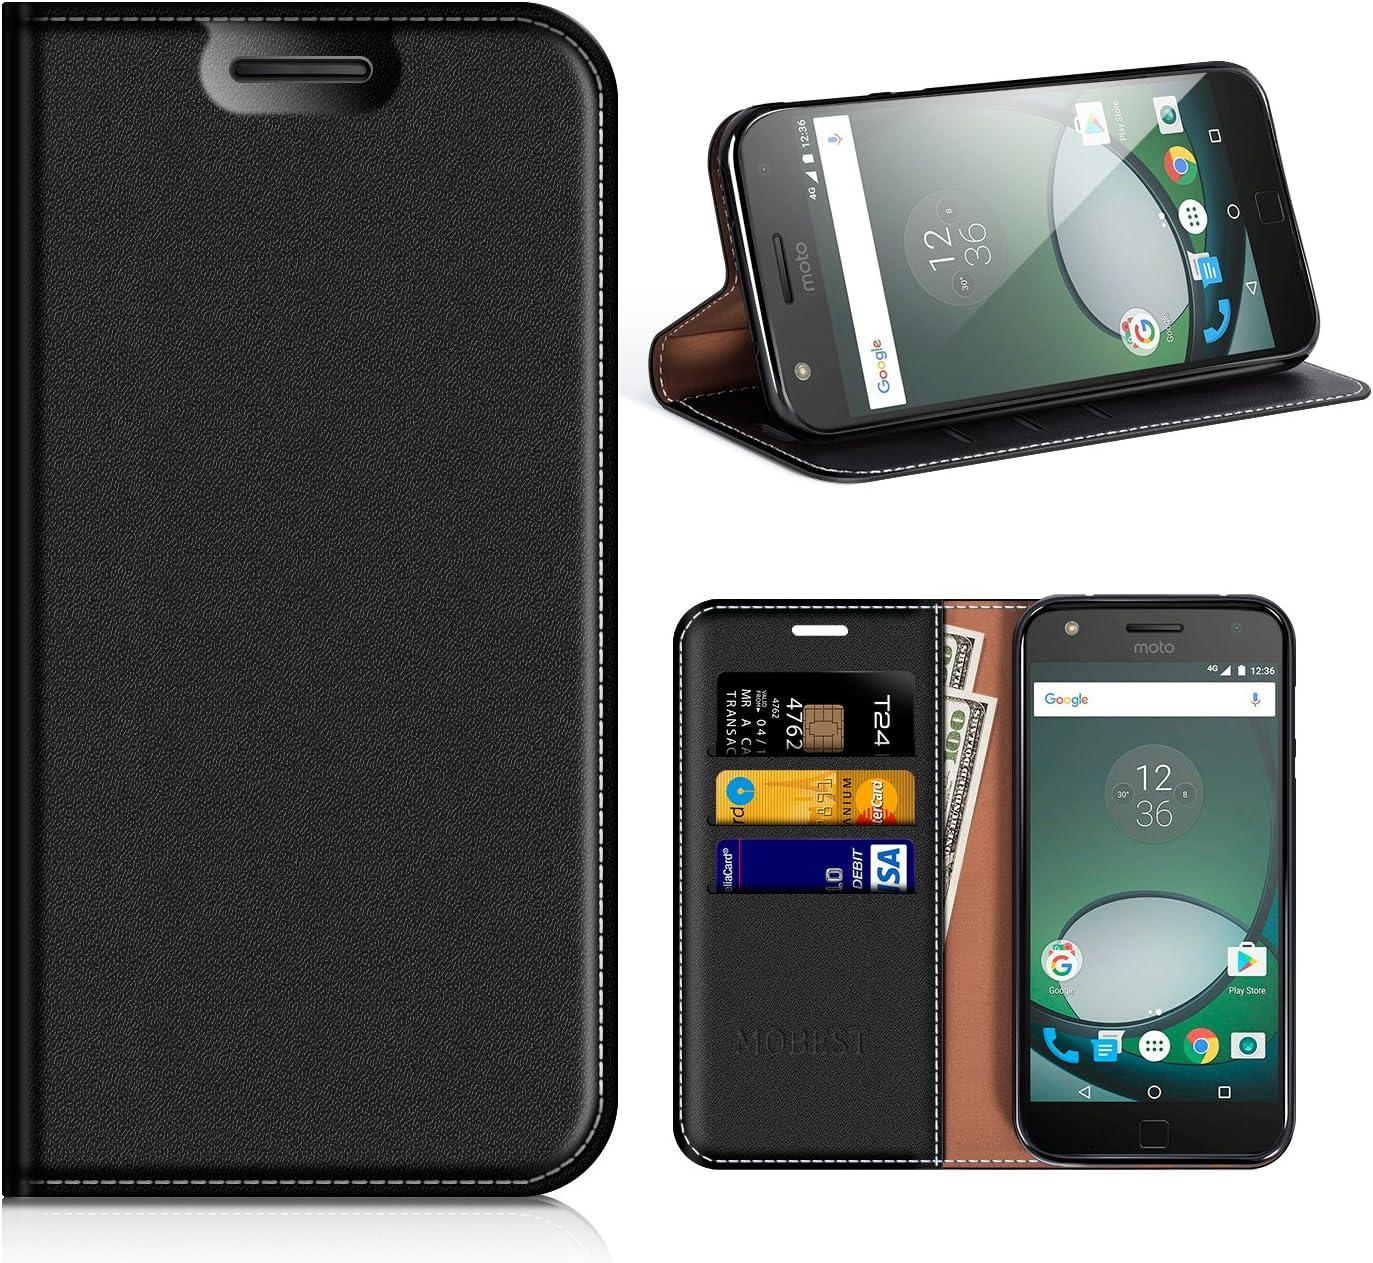 MOBESV Funda Motorola Moto Z Play, Funda Cuero, Carcasa en Libro, Ranuras para Tarjetas, Soporte para Motorola Moto Z Play: Amazon.es: Electrónica